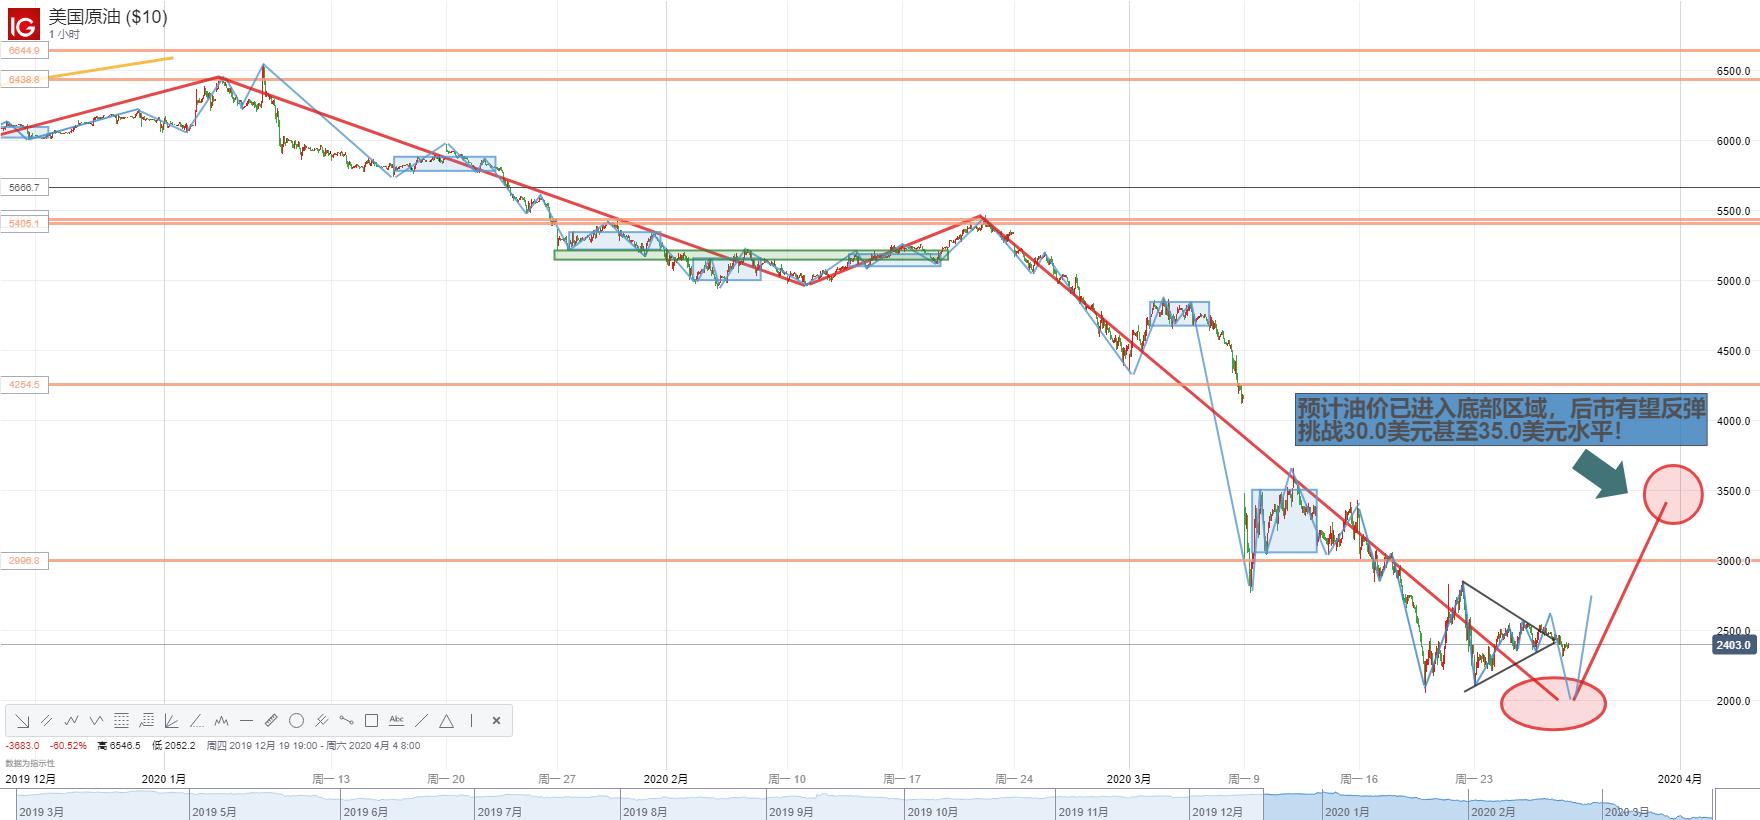 【原油】全球股市悉數反彈,油價緣何仍舊疲軟?世界目光看向沙特,原油供需失衡困局如何破?